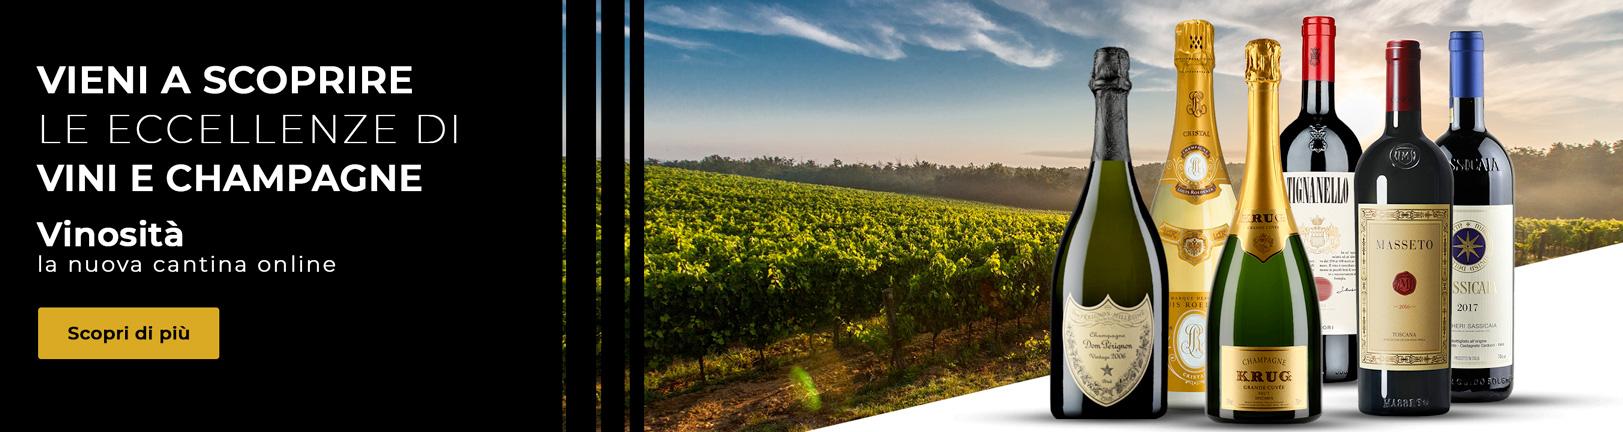 Vinosità - Selezione Vini e Champagne